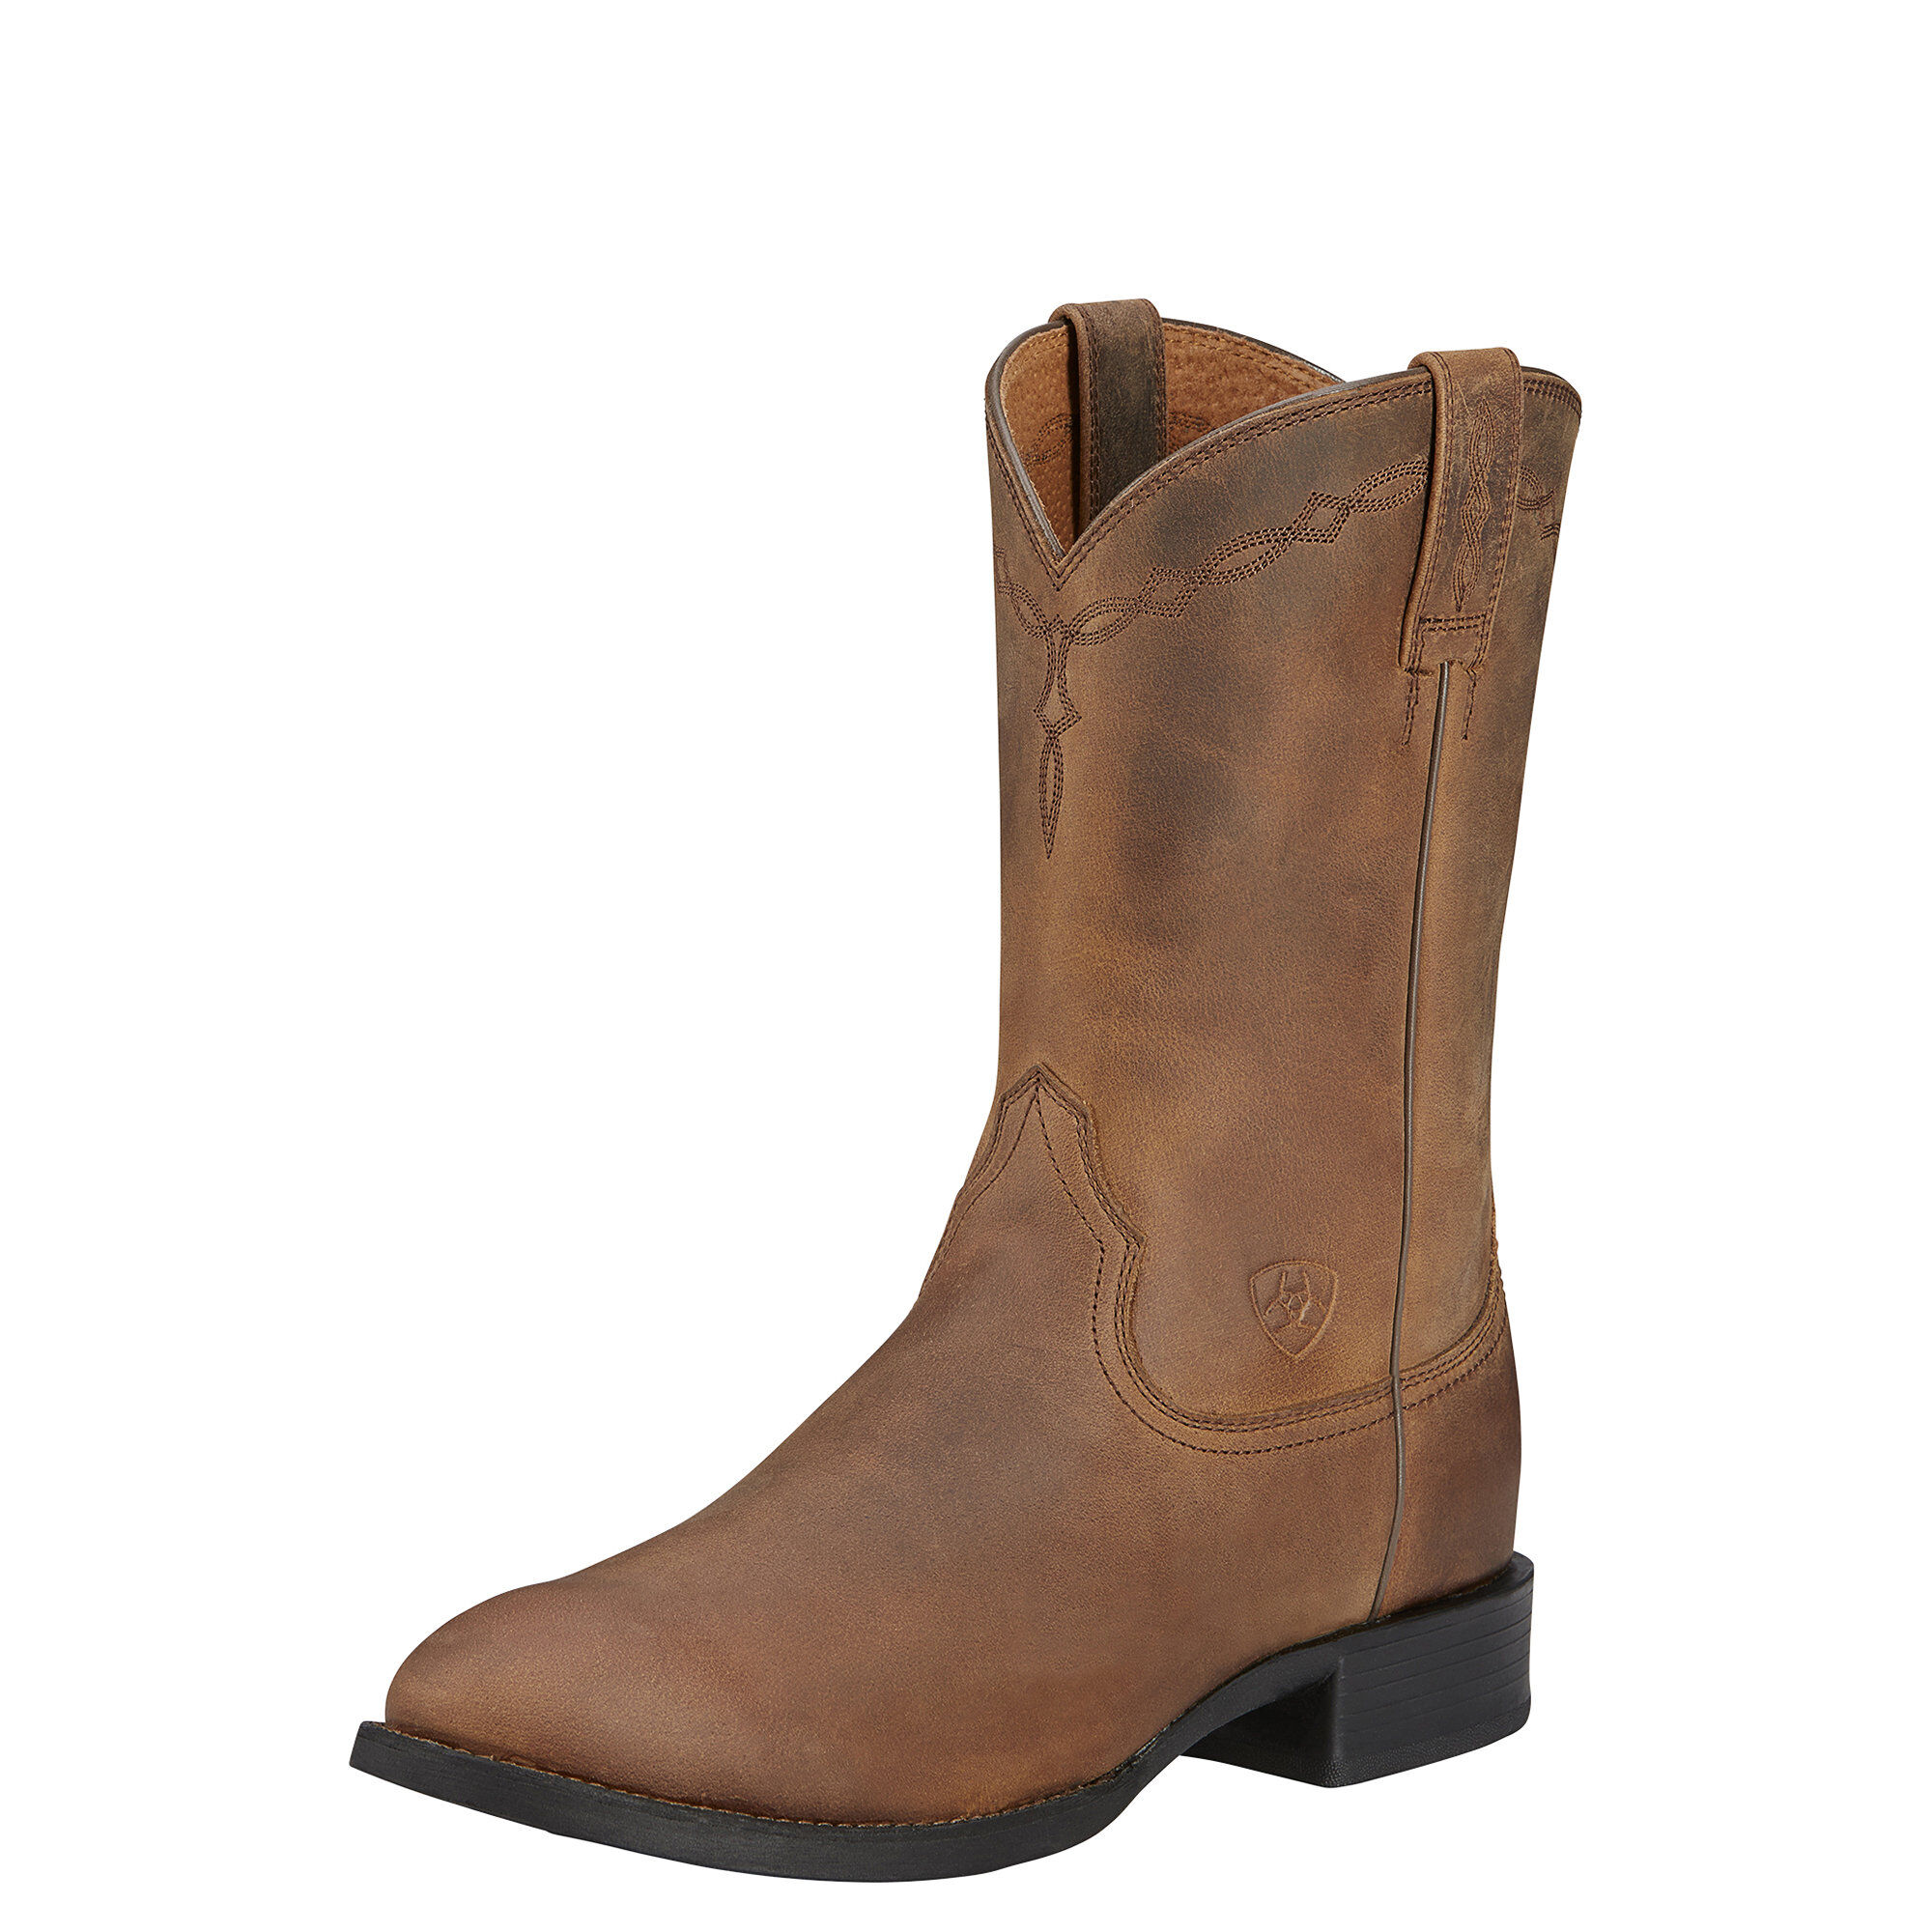 Ariat Roper Boots